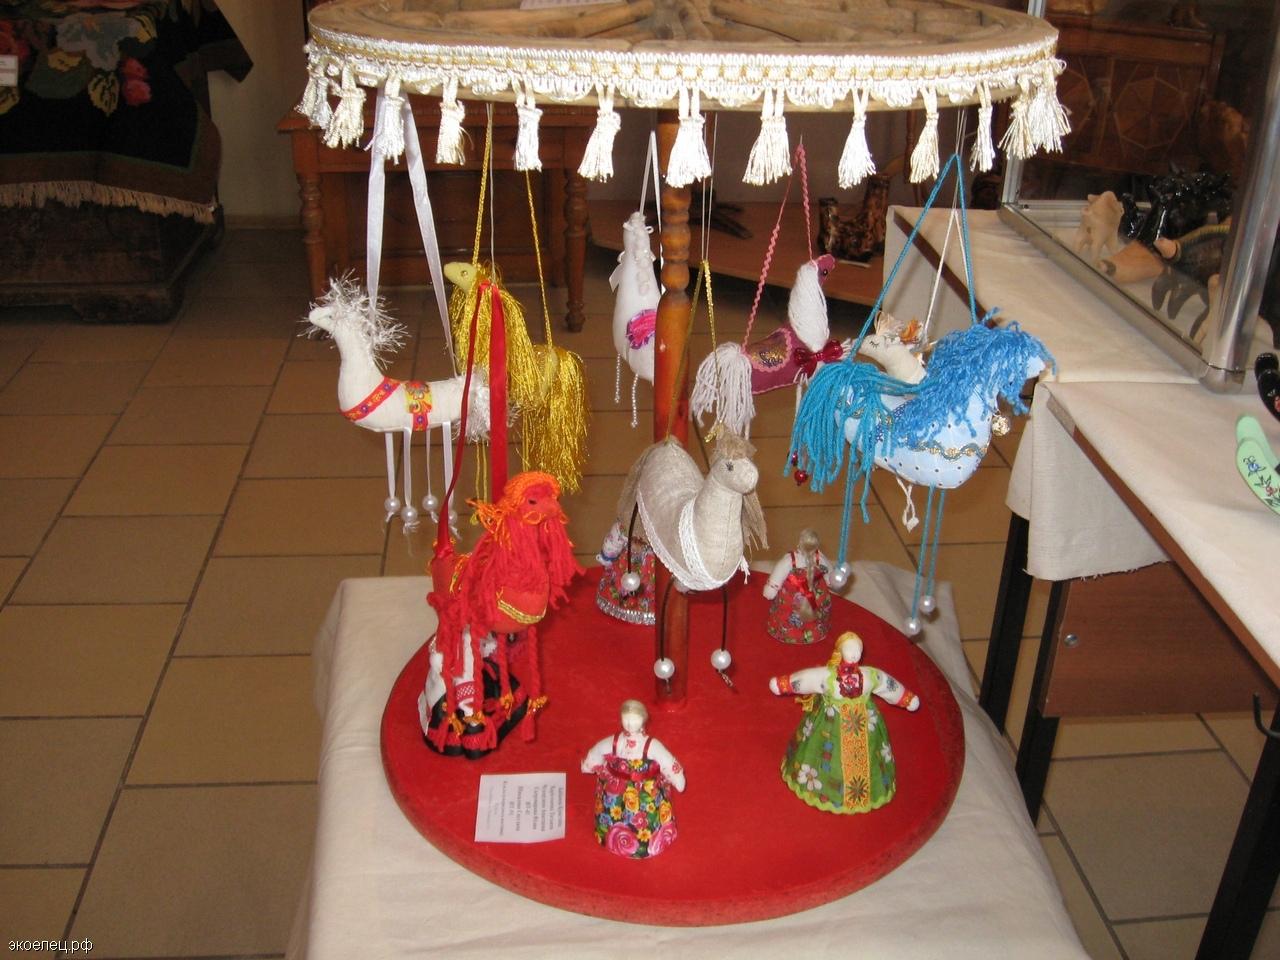 Выставка «Мир игрушки» в Музее Ремесел | ЭкоЕлец